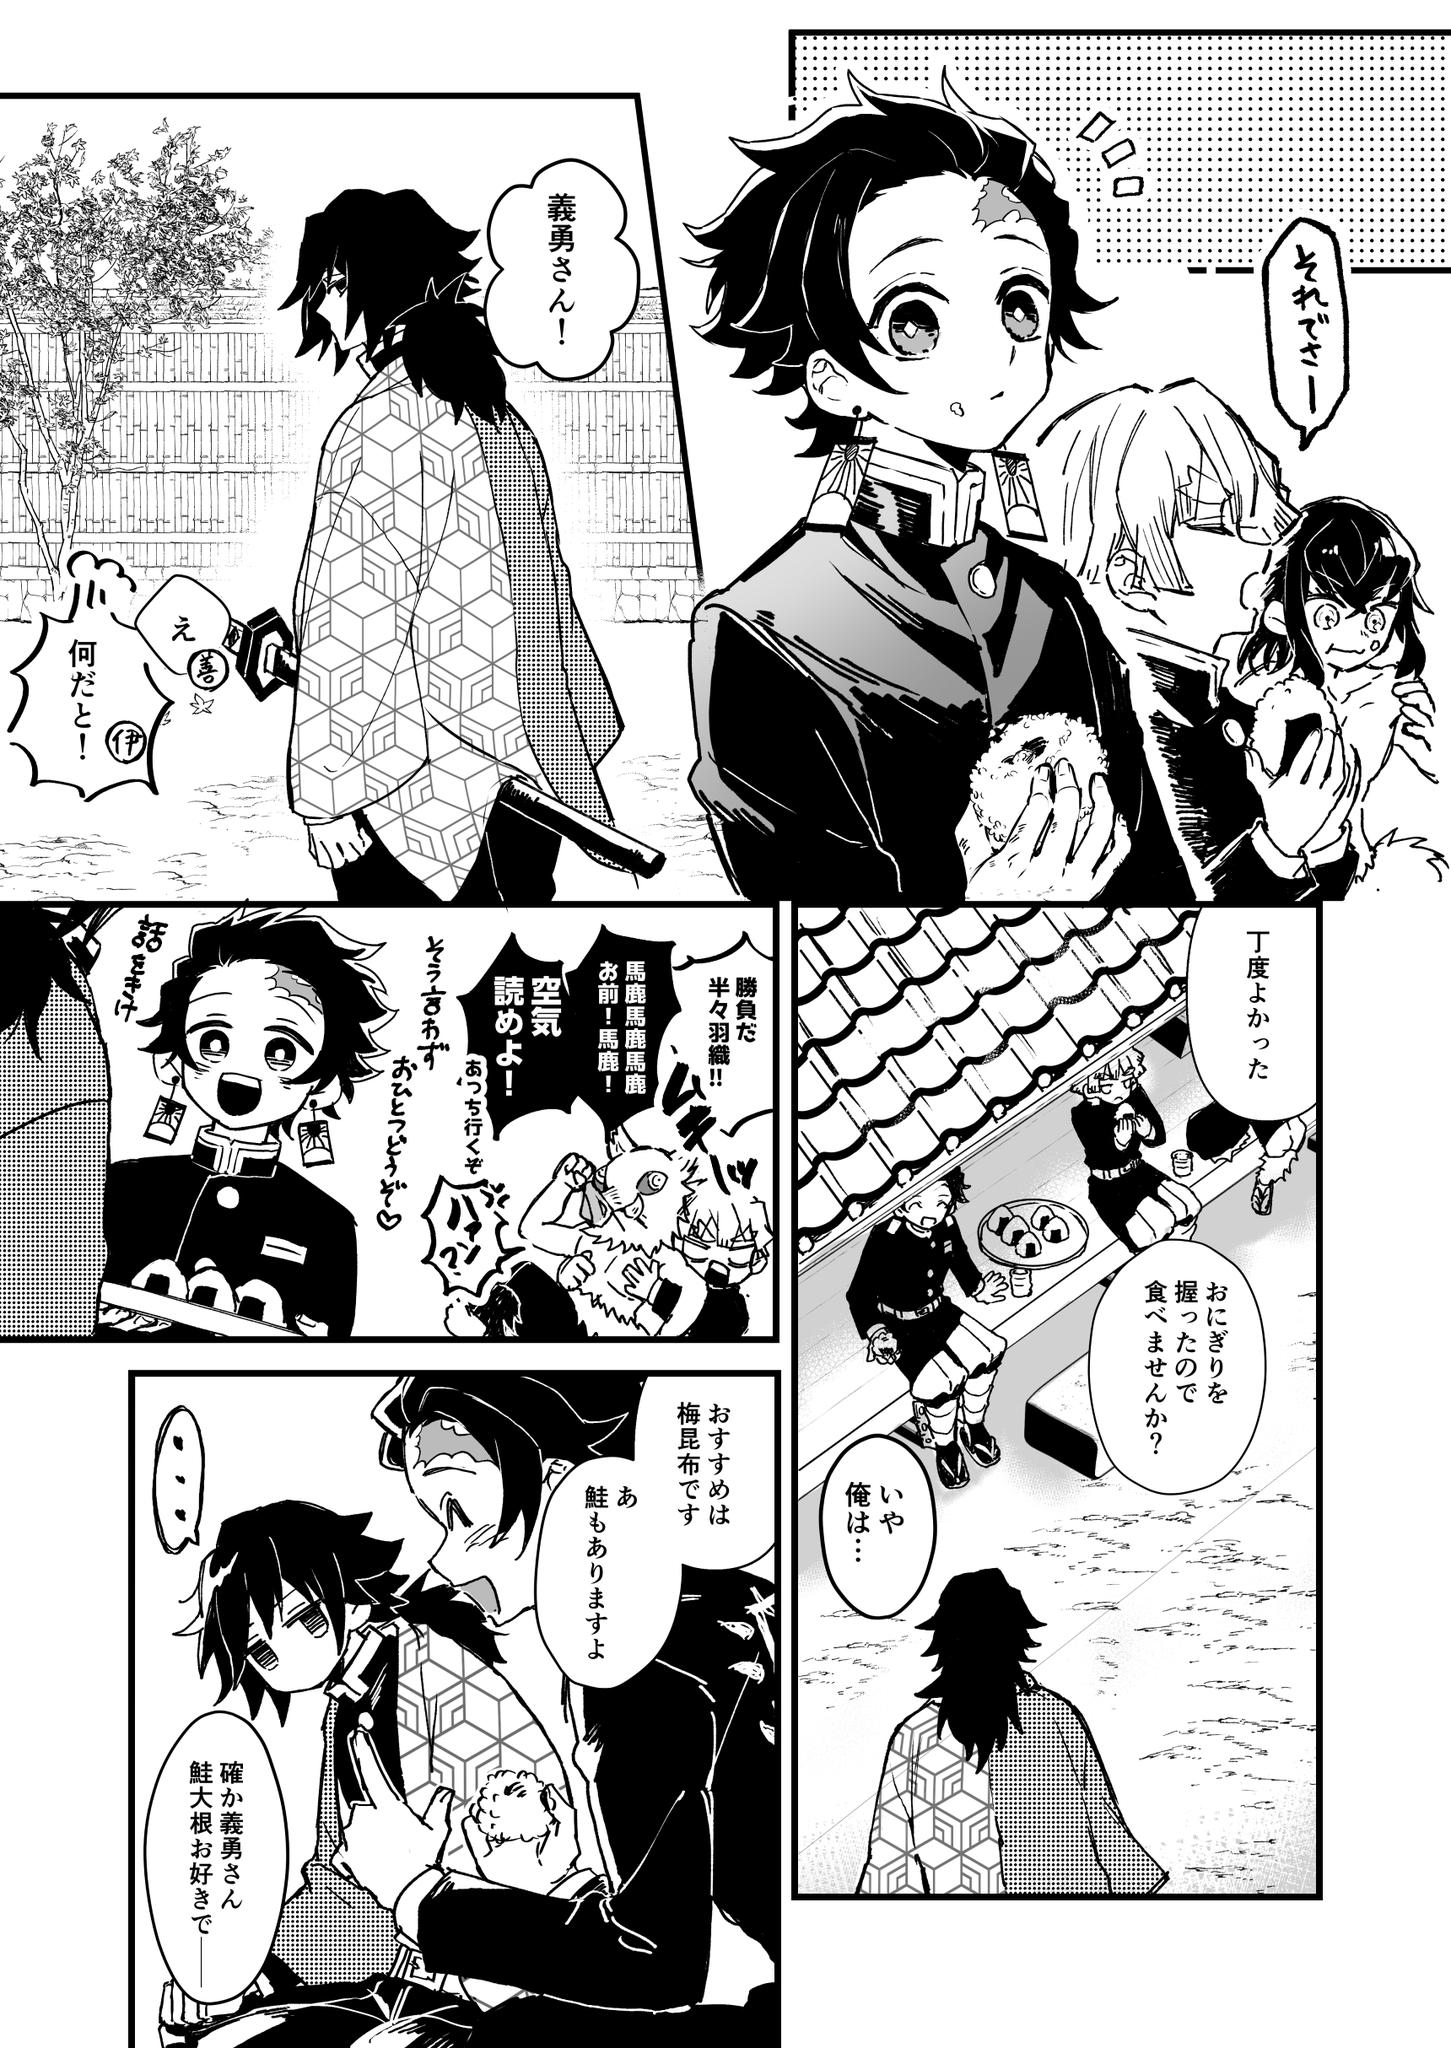 うすろ on twitter anime demon anime romance anime